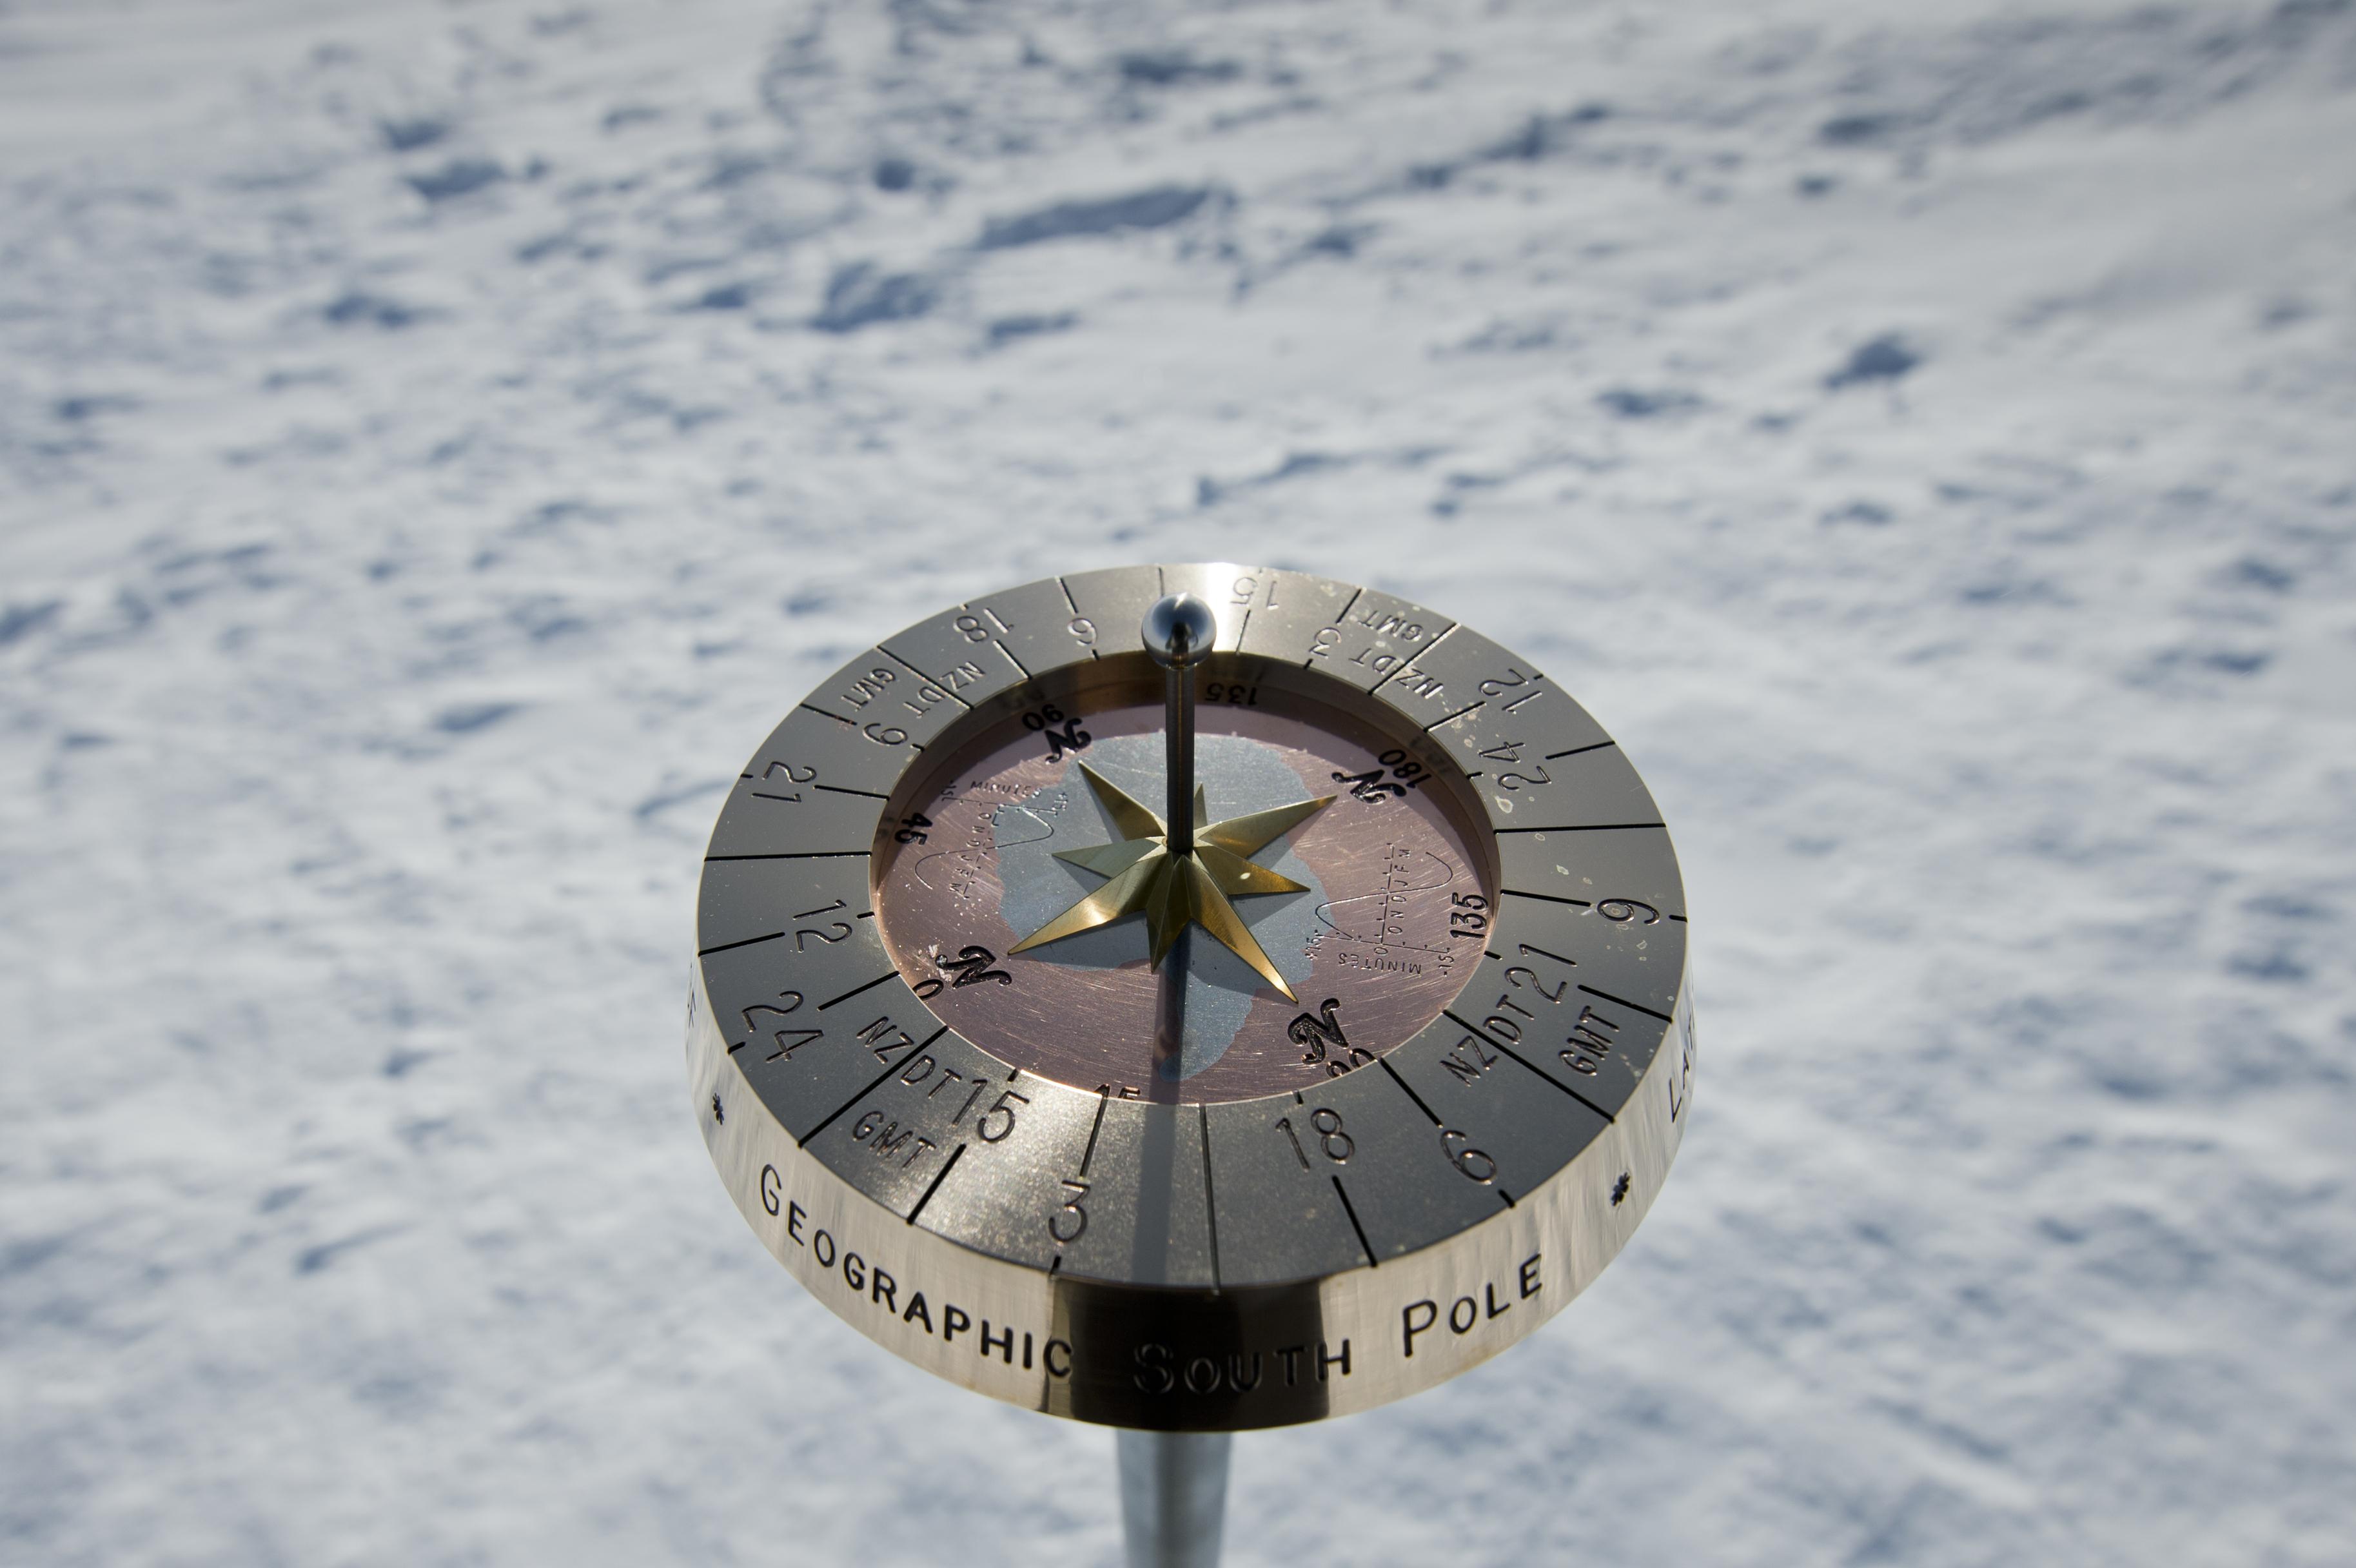 South Pole Sundial